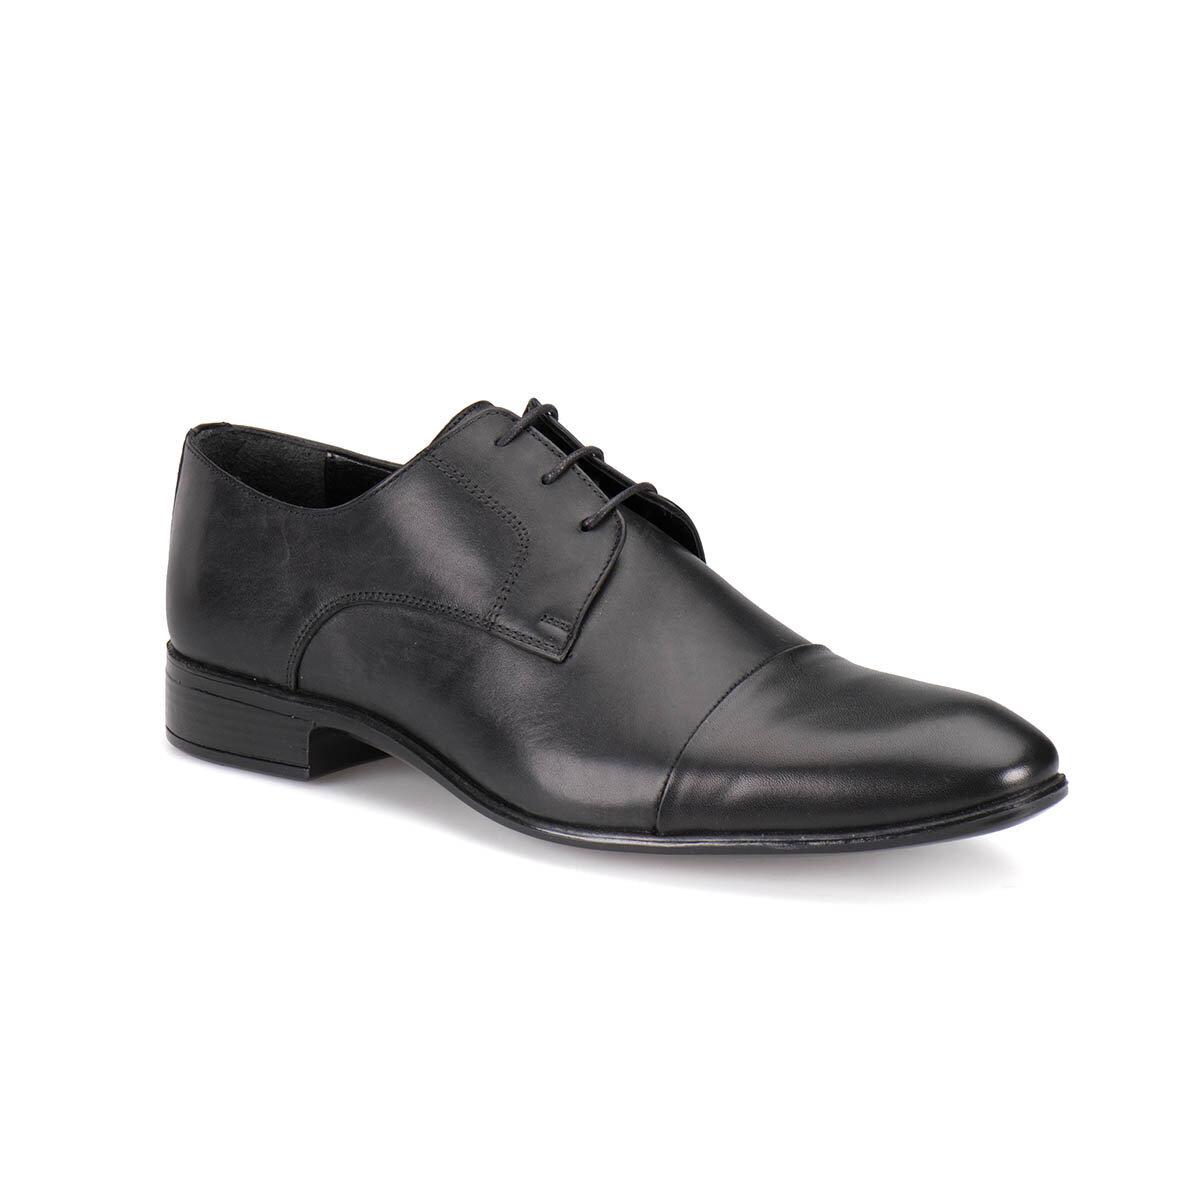 SIYAH Erkek Klasik Ayakkabı BMK-250 M 1602